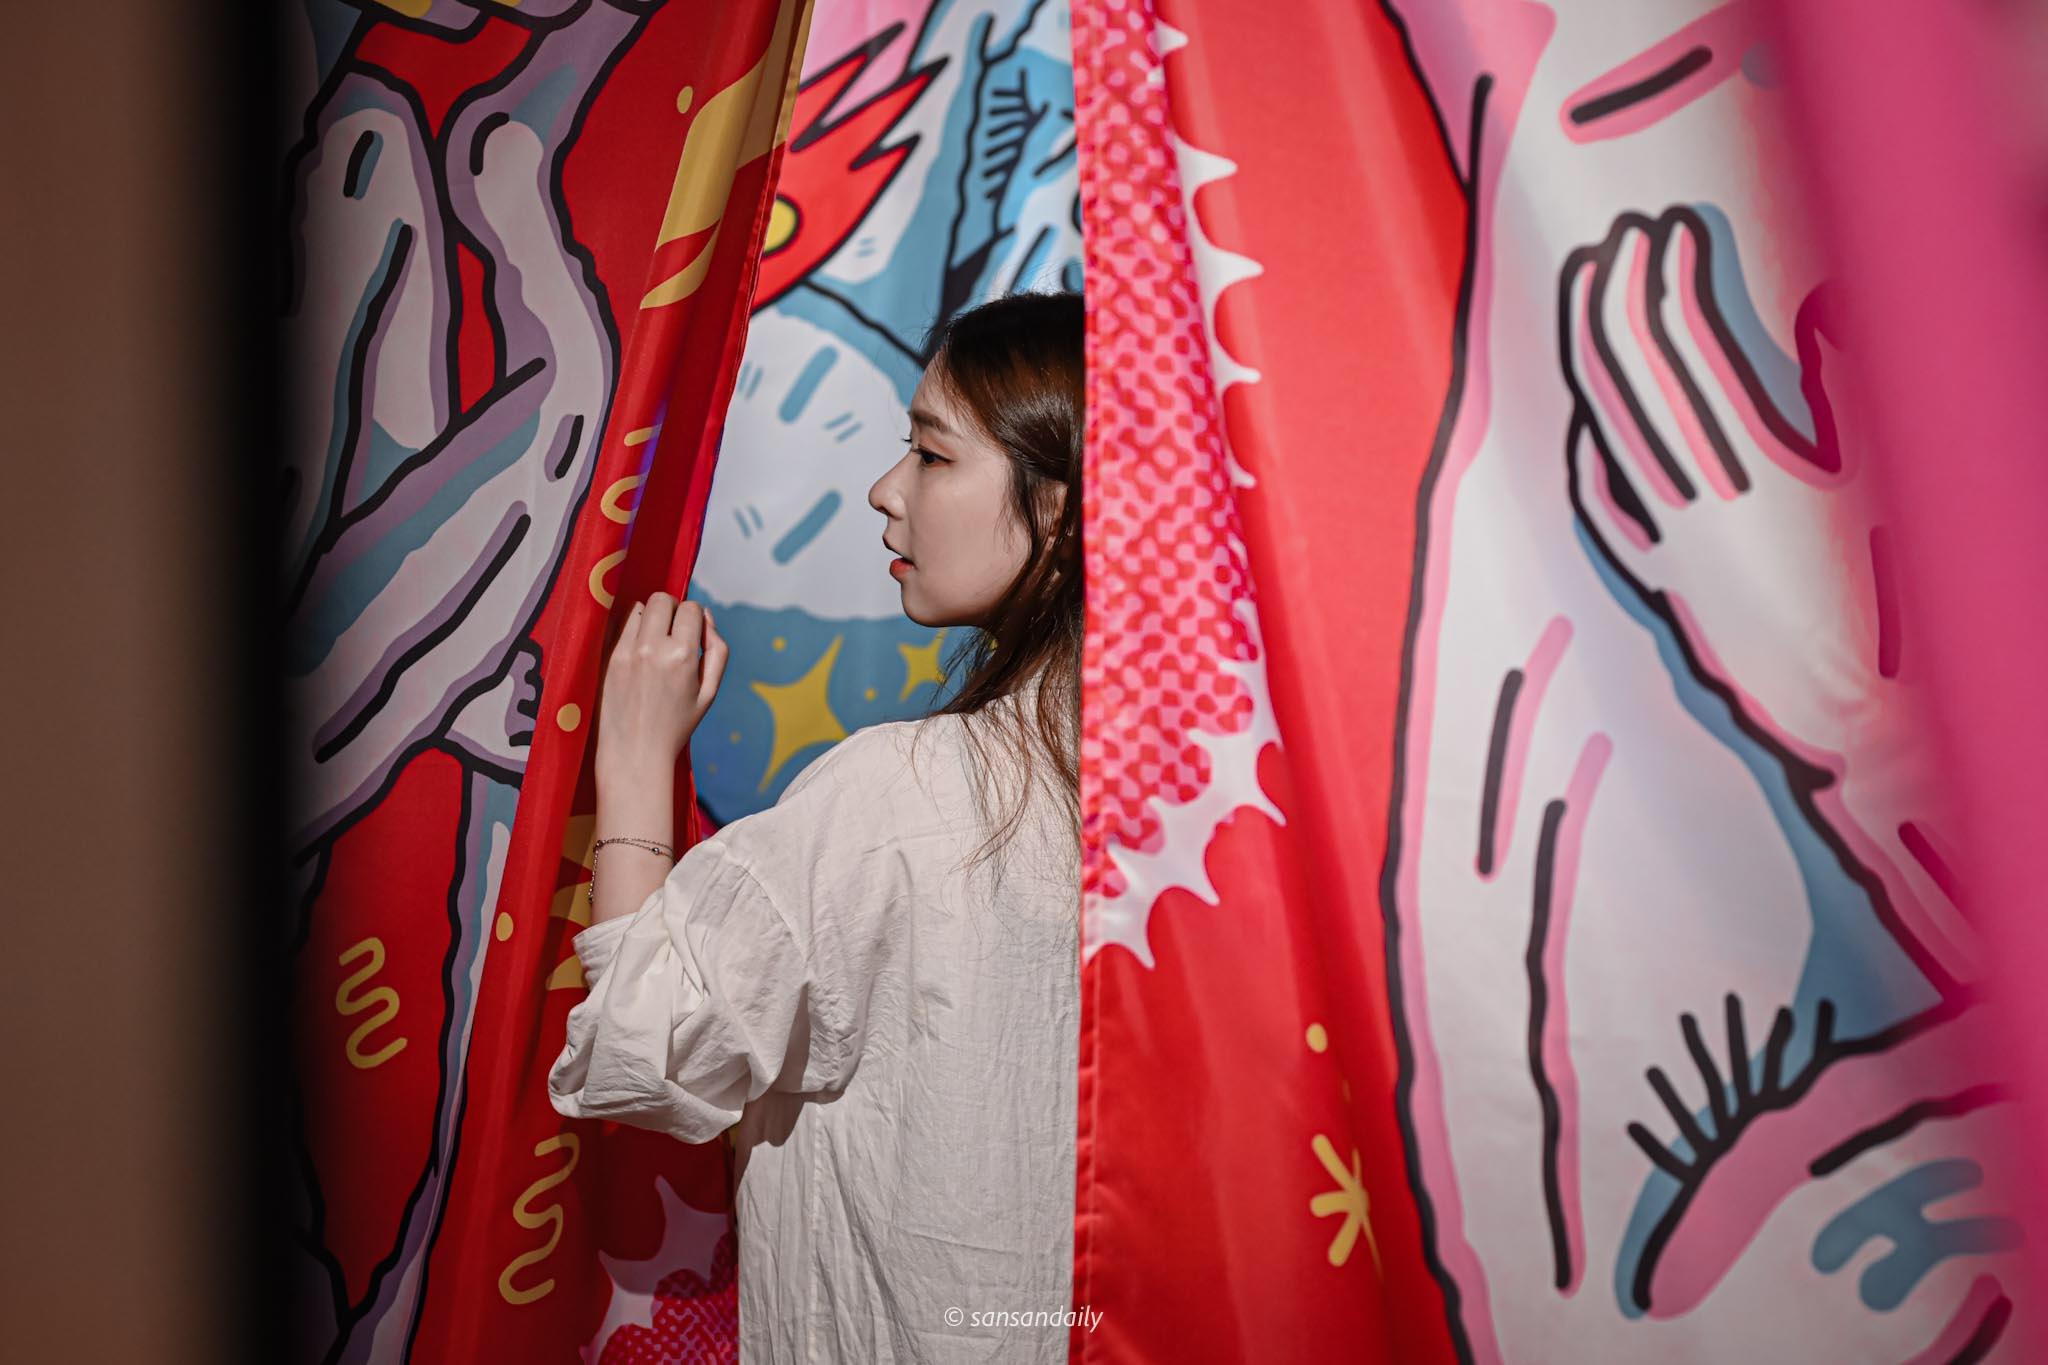 2021直擊 全台首創情慾展 揭開禁忌話題的藝術與自我呢喃|sansan